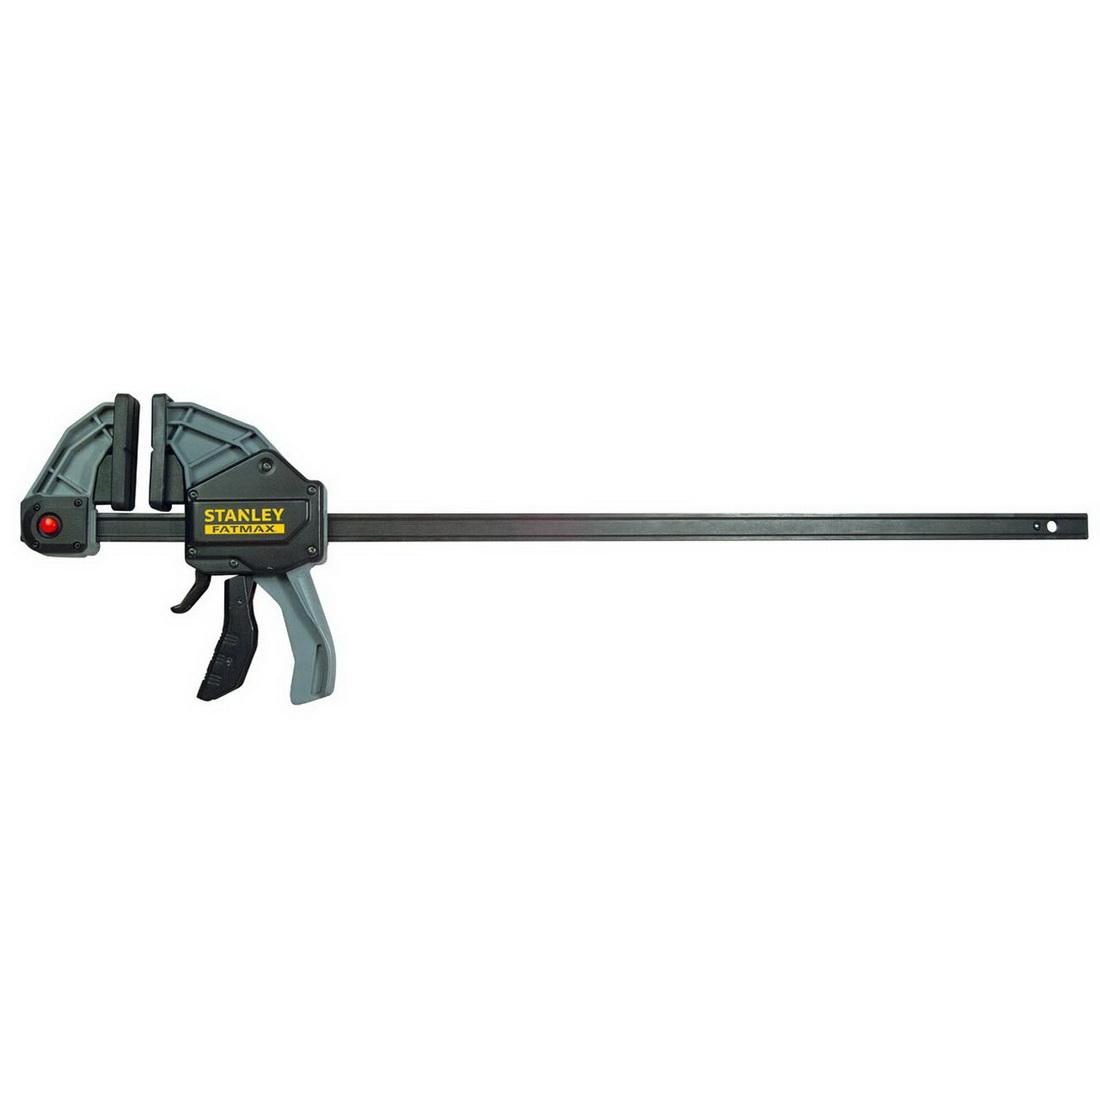 Fatmax XL 300mm Trigger Bar Clamp